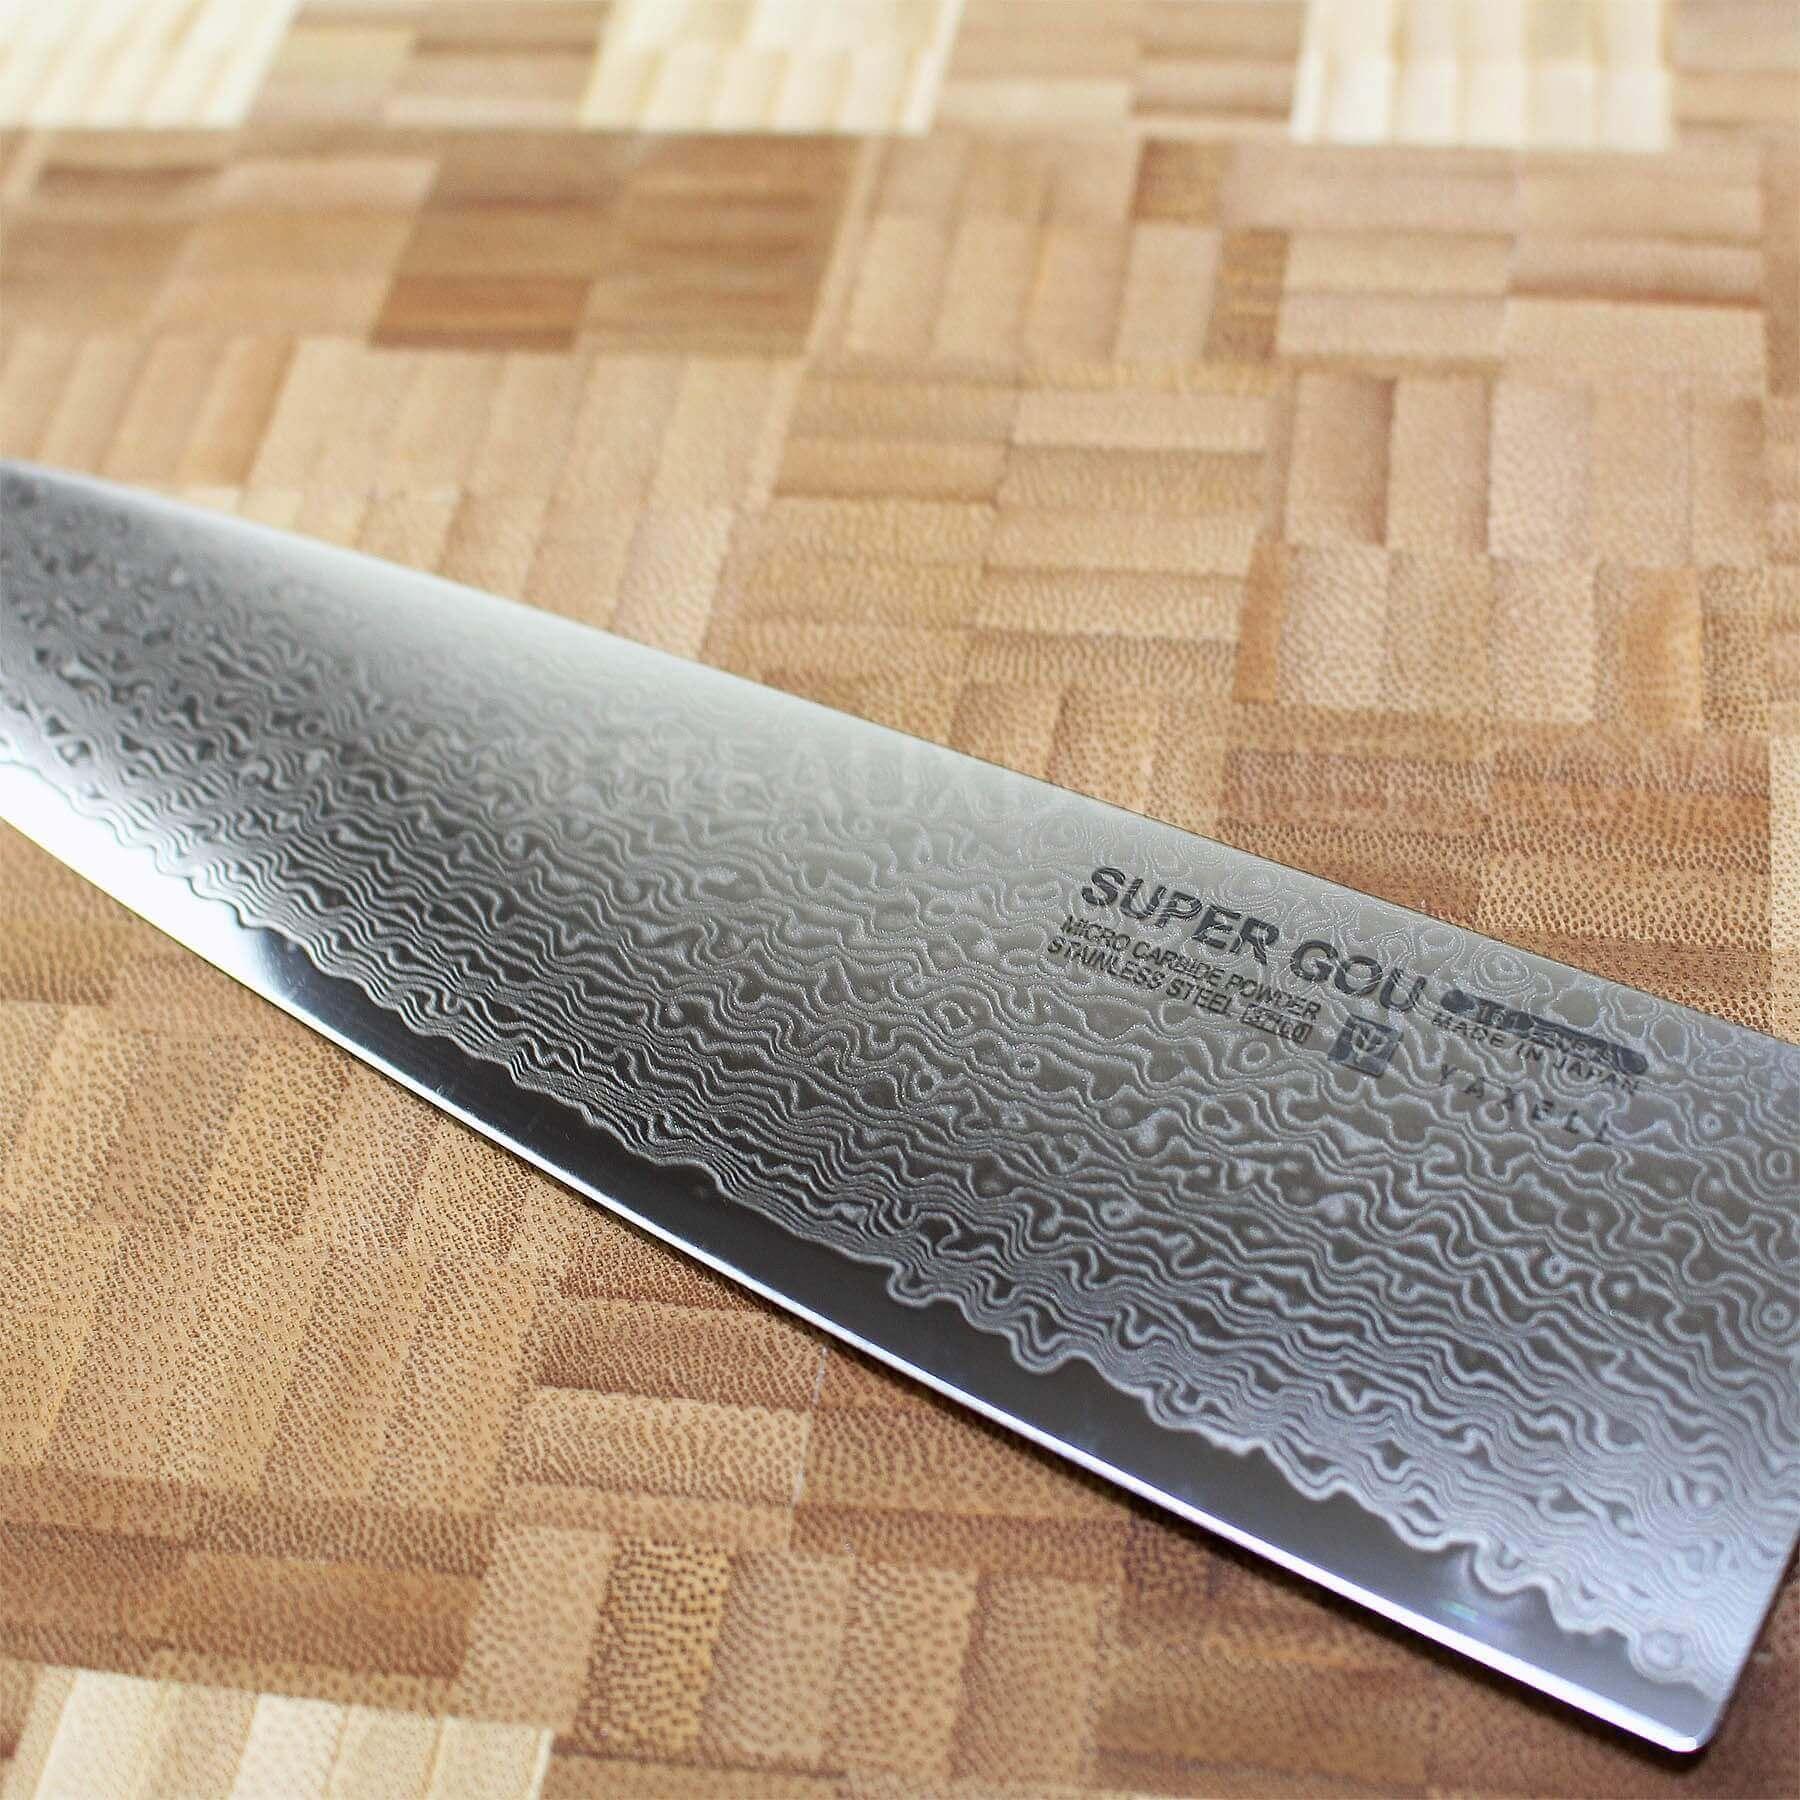 Couteau Cuisine Professionnel Japonais